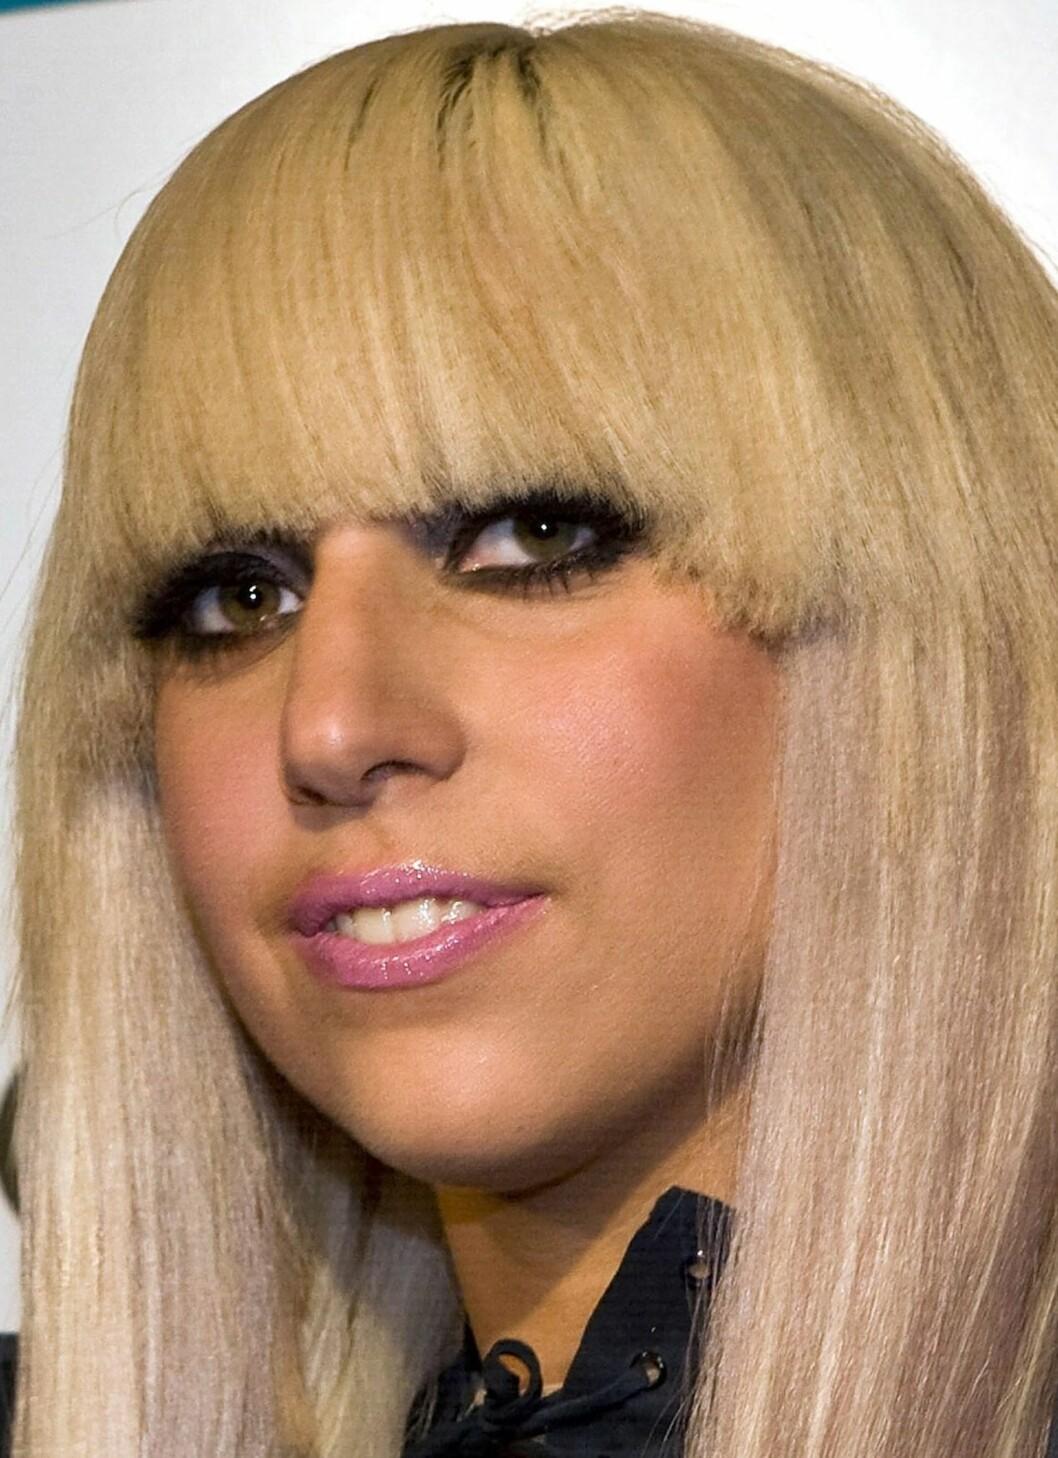 Lady GaGa23-årige Lady GaGa topper hitlistene verden over. Hun skal også ha uttalt dette:«Jeg elsker menn, jeg elsker kvinner, og jeg elsker sex.» Foto: All Over Press